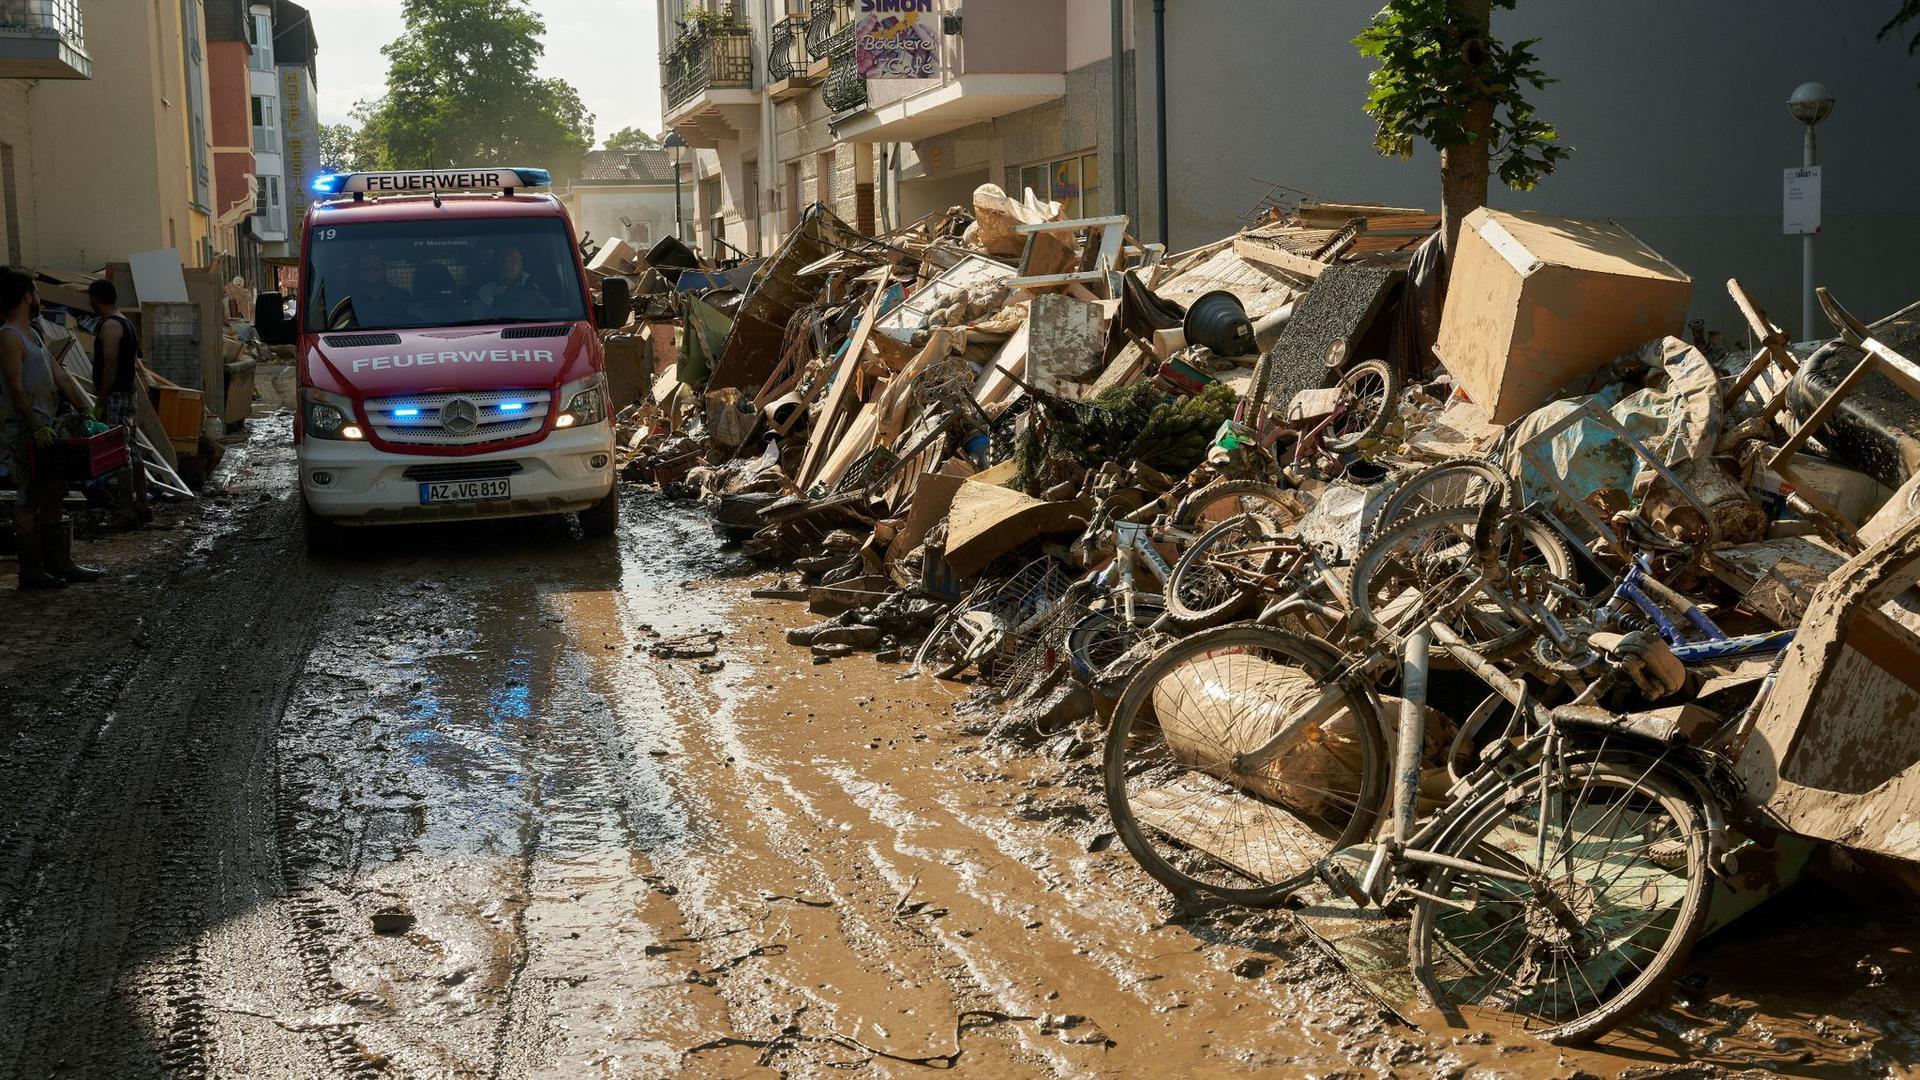 Nicht mehr brauchbar: In Bad Neuenahr in Rheinland-Pfalz stapeln sich Gegenstände, die nach der Hochwasserkatastrophe auf dem Sperrmüll landen.